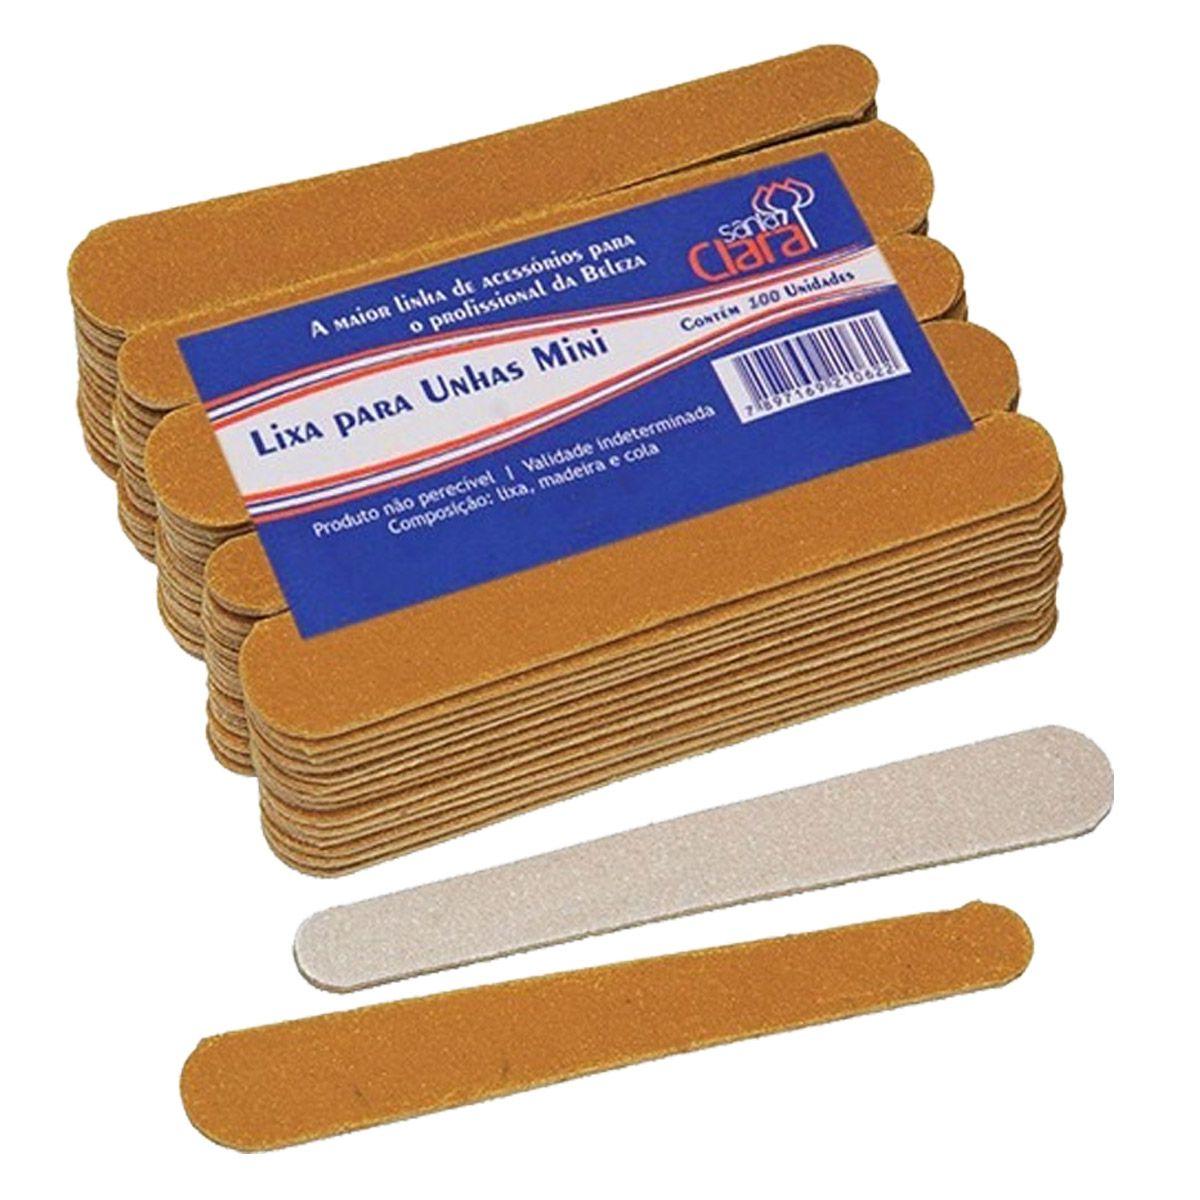 144 Mini Lixas De Unha Manicure Santa Clara